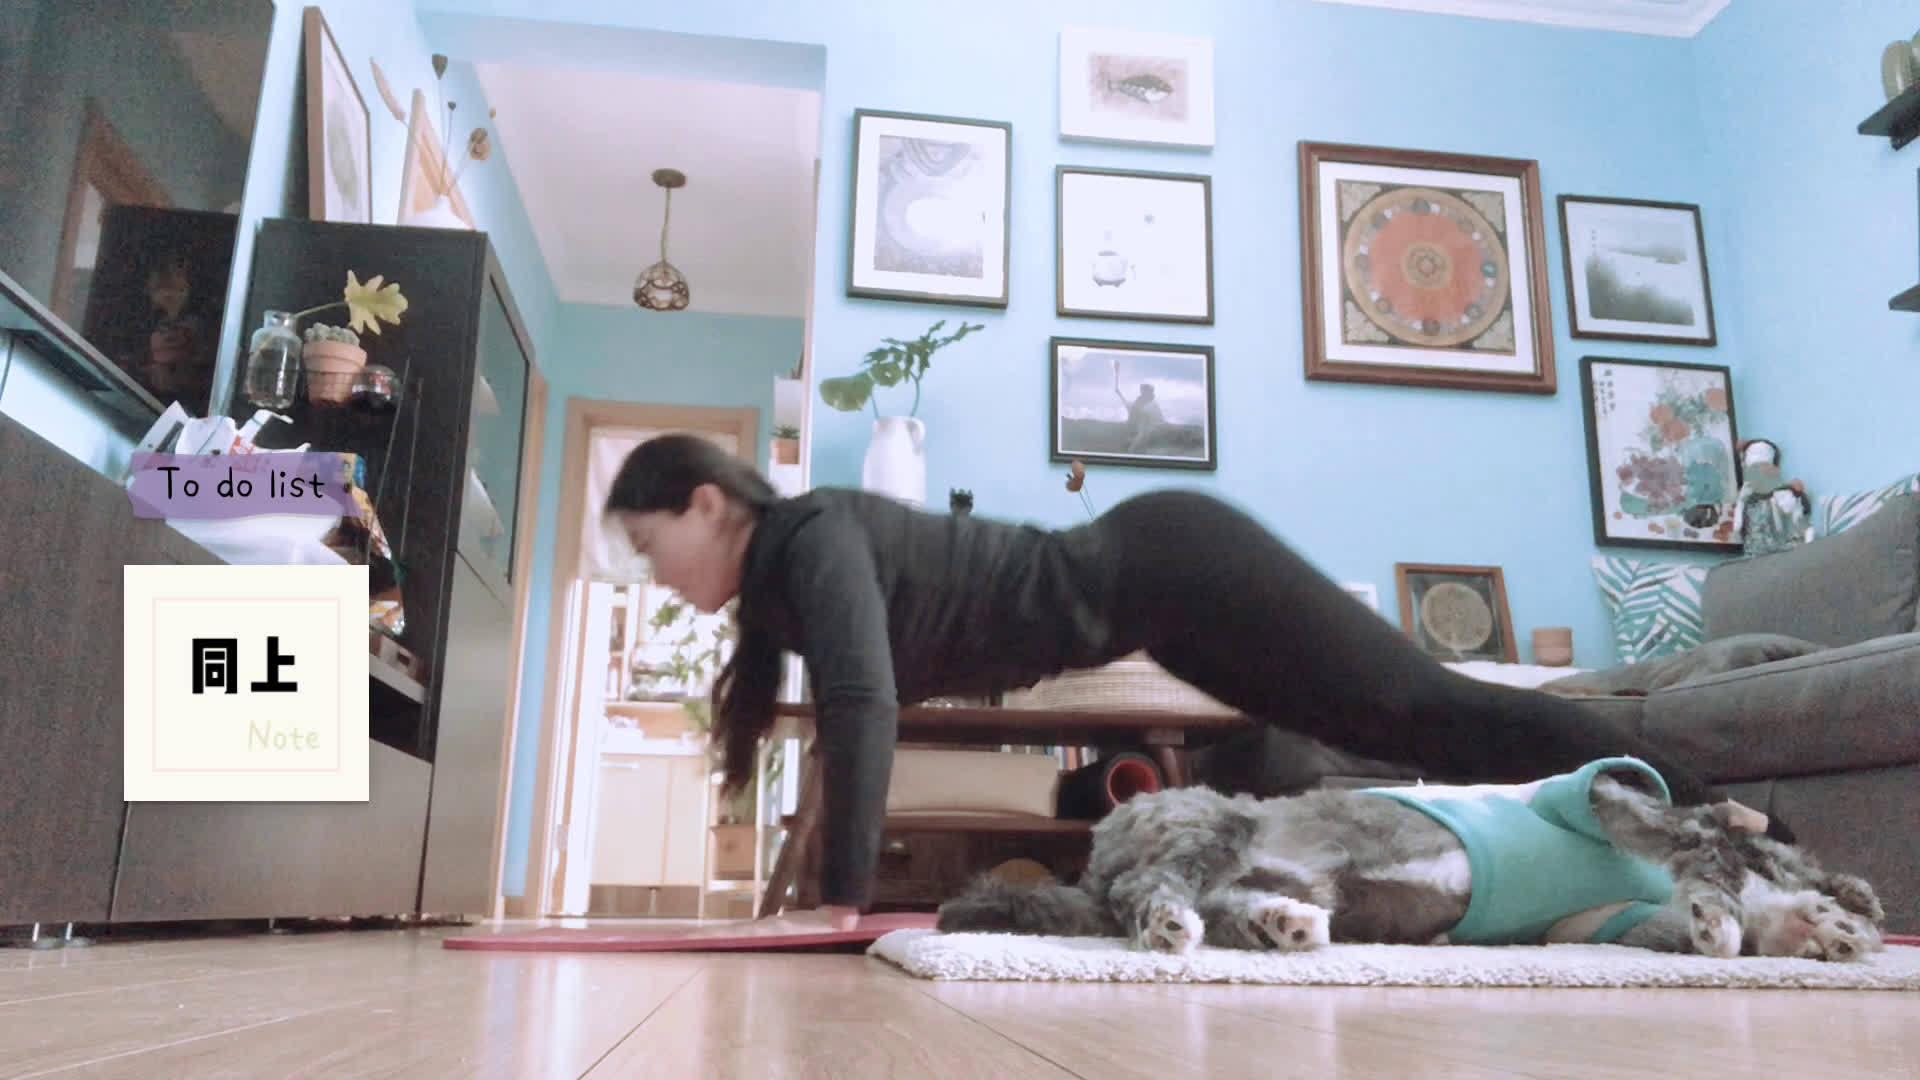 宅在家里如何快速减肥?徒手训练配合这个有氧运动,每天坚持30分钟